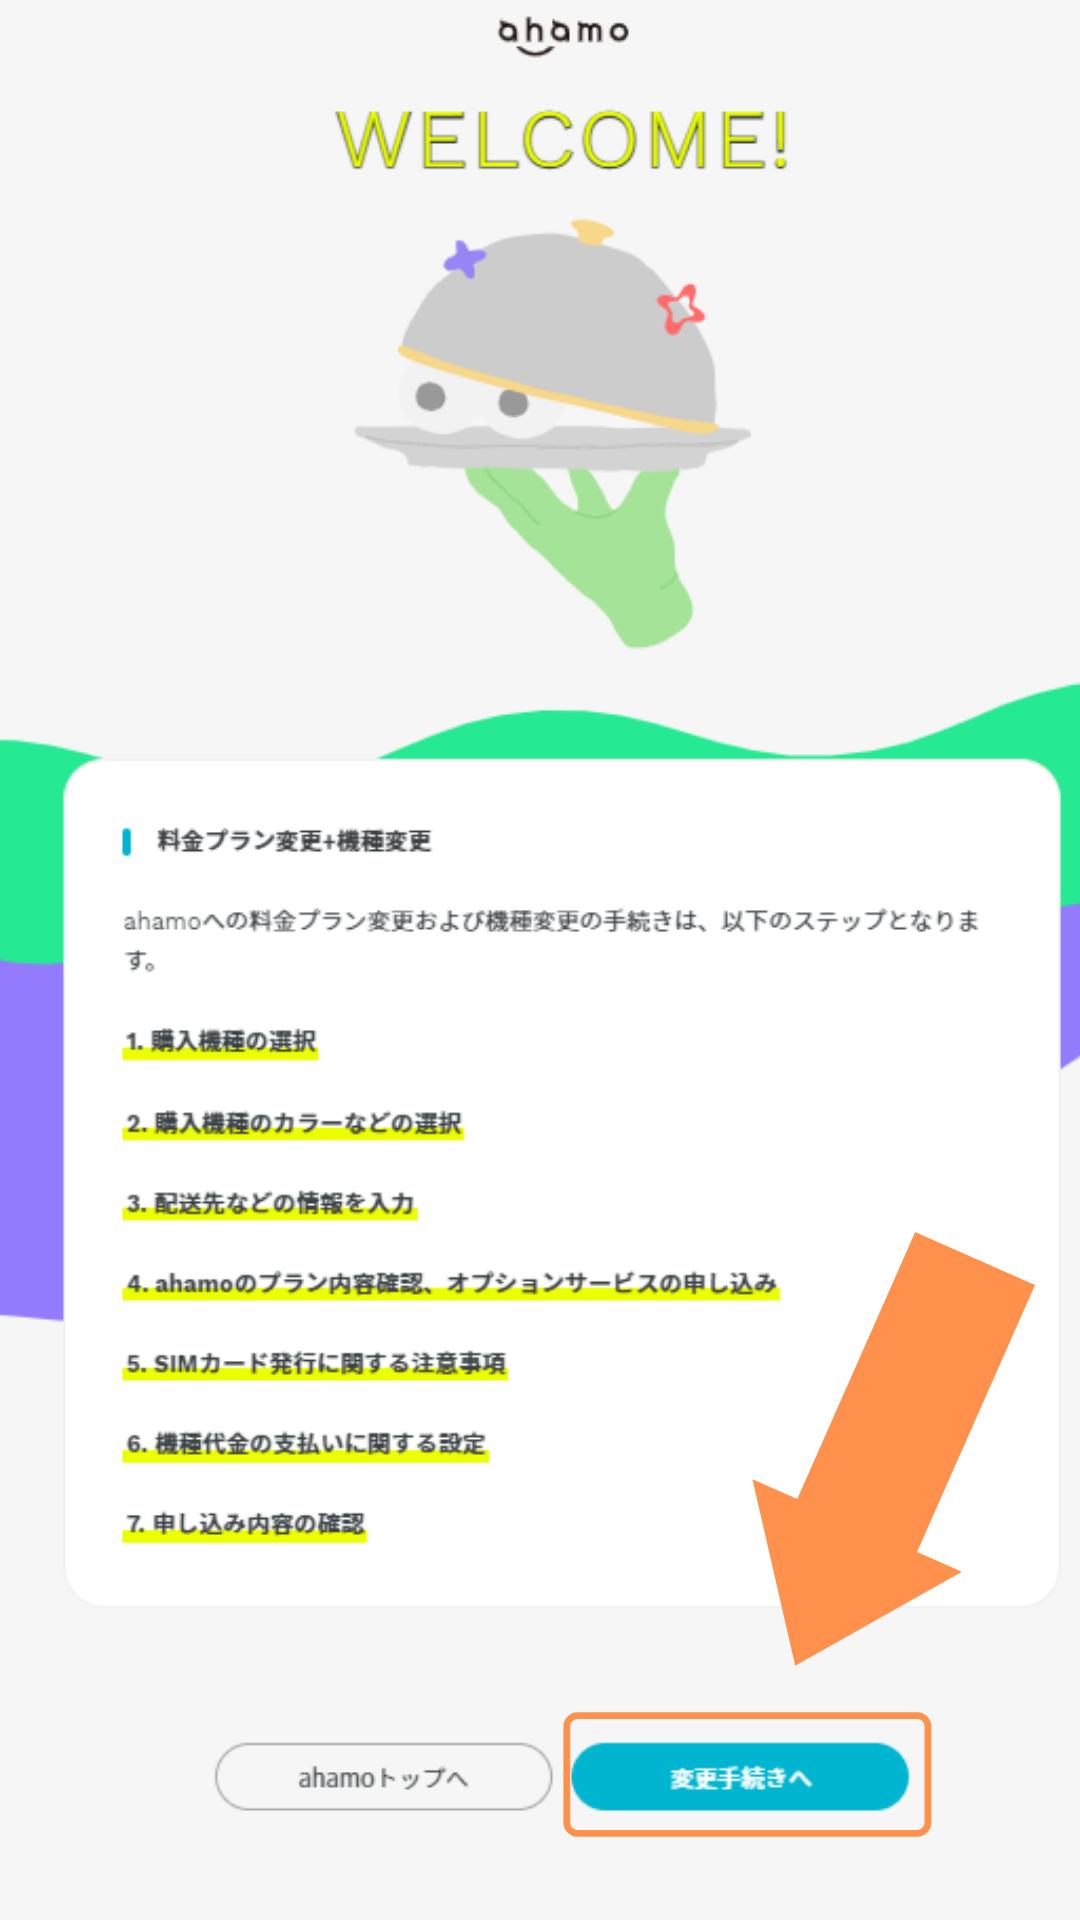 申し込み docomo アハモ 【重要】料金プラン「ahamo」を契約予定のお客さまへ(更新)